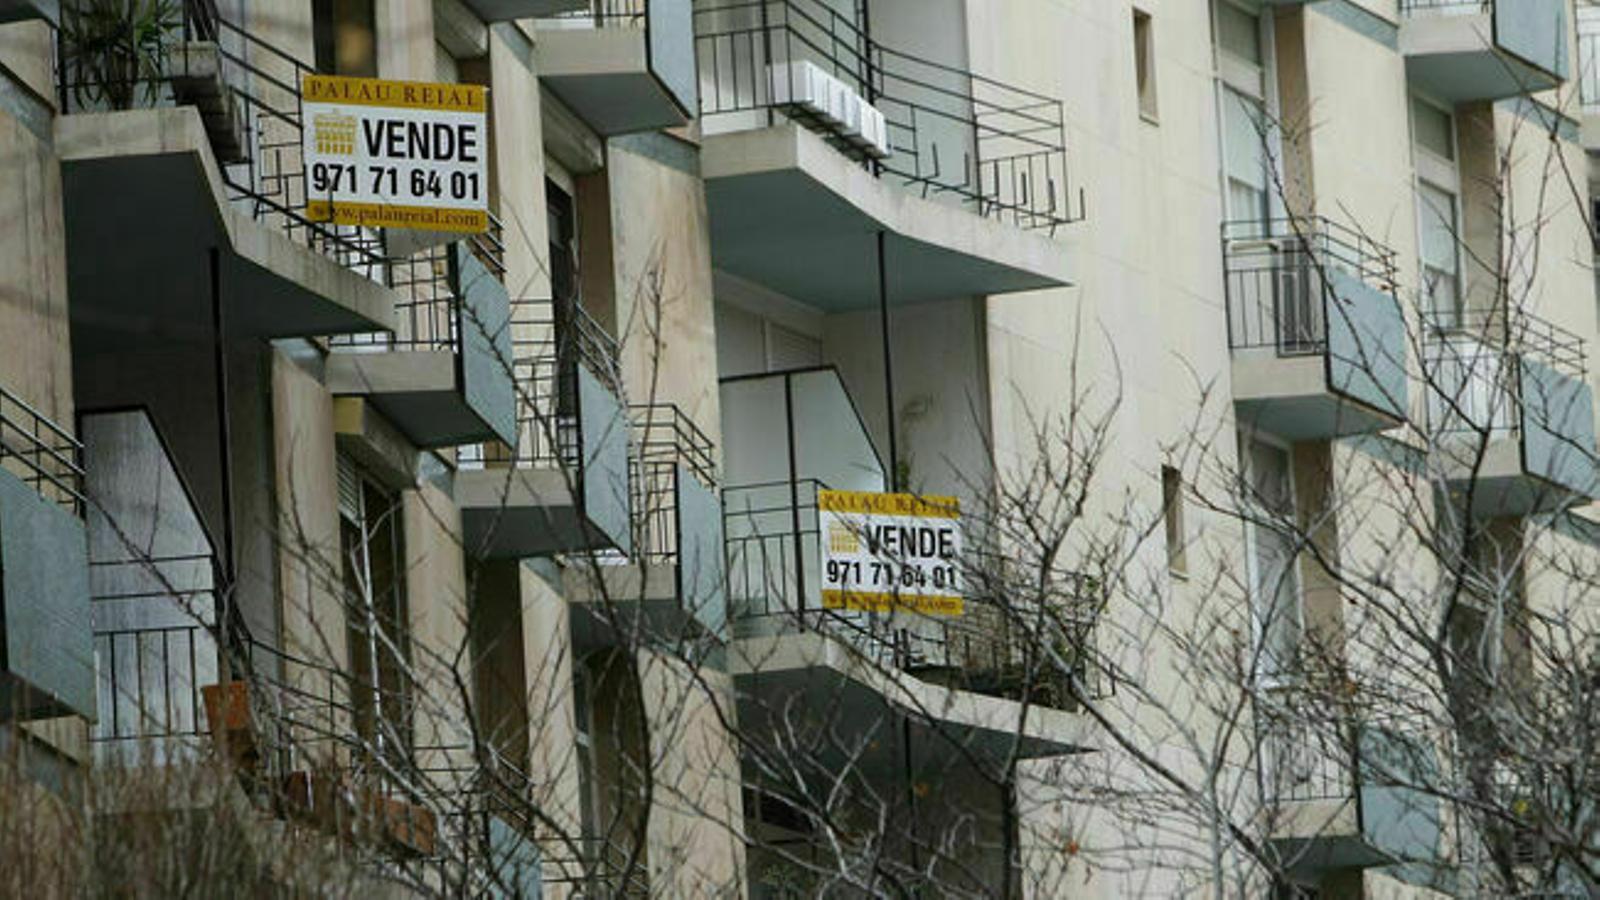 La signatura d'hipoteques d'habitatges baixa un 16,6% a les Balears al novembre